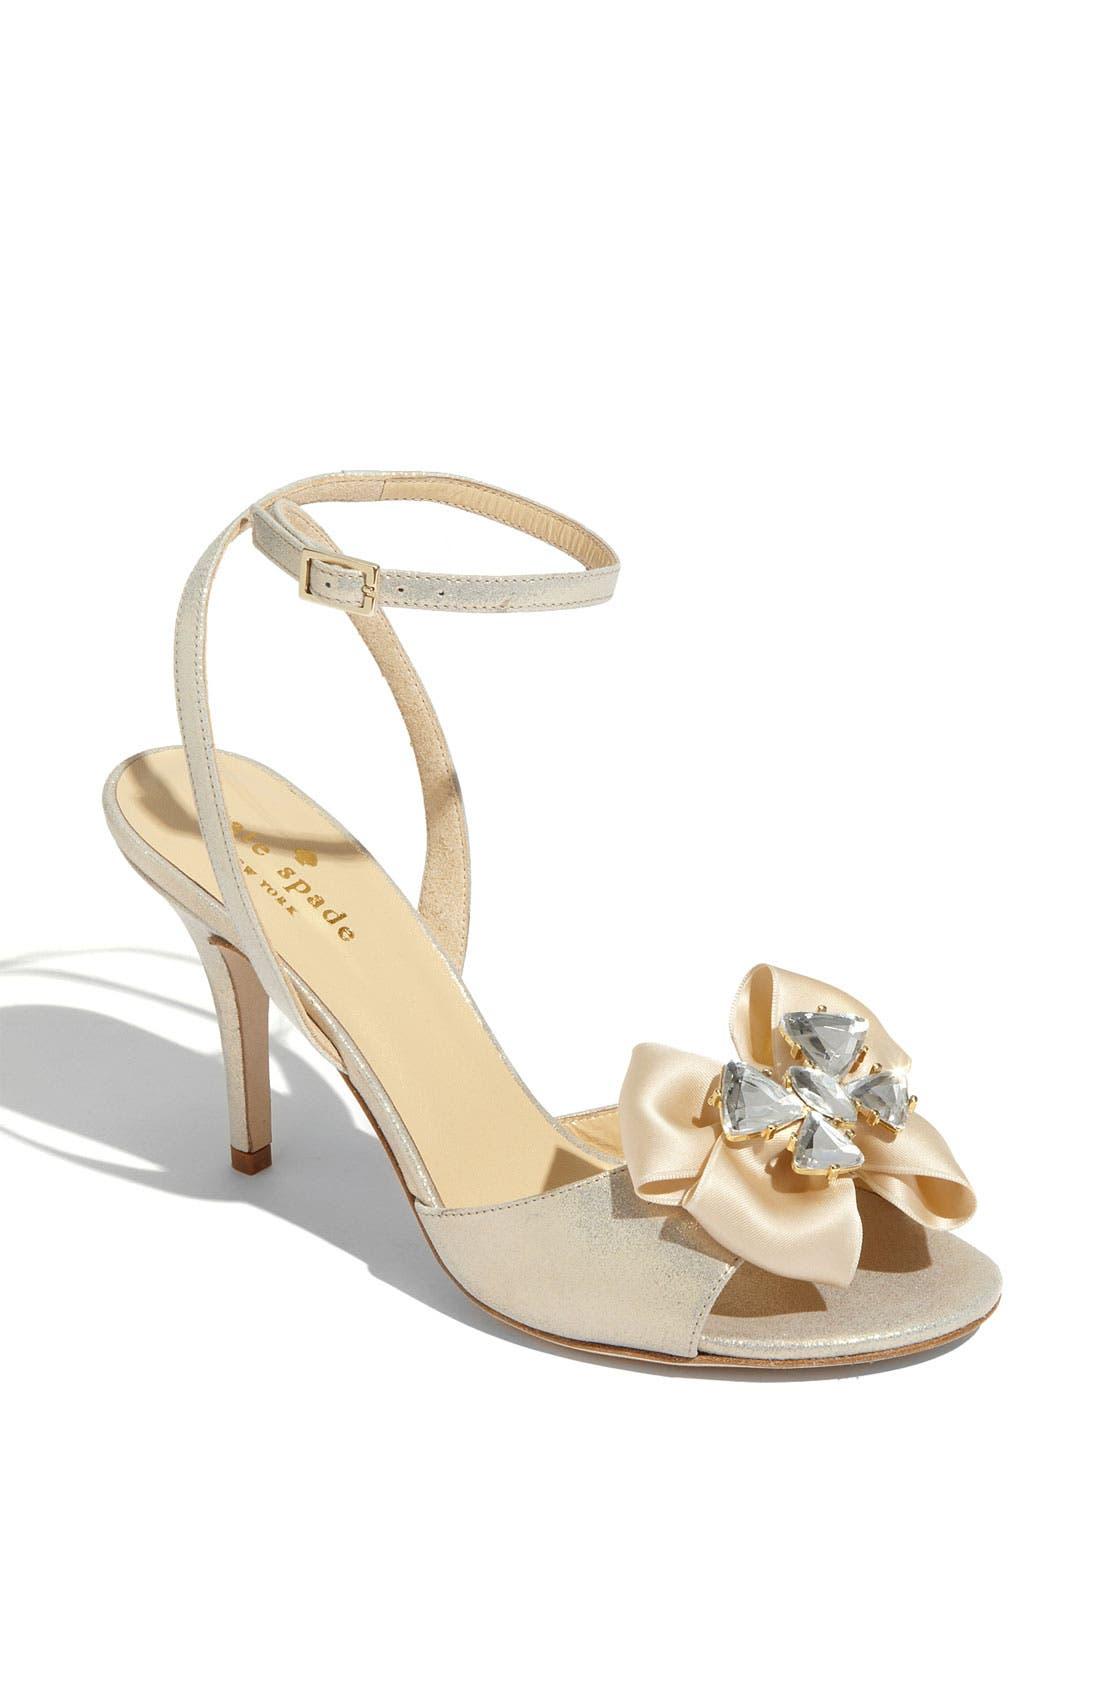 Alternate Image 1 Selected - kate spade new york 'shelby' sandal